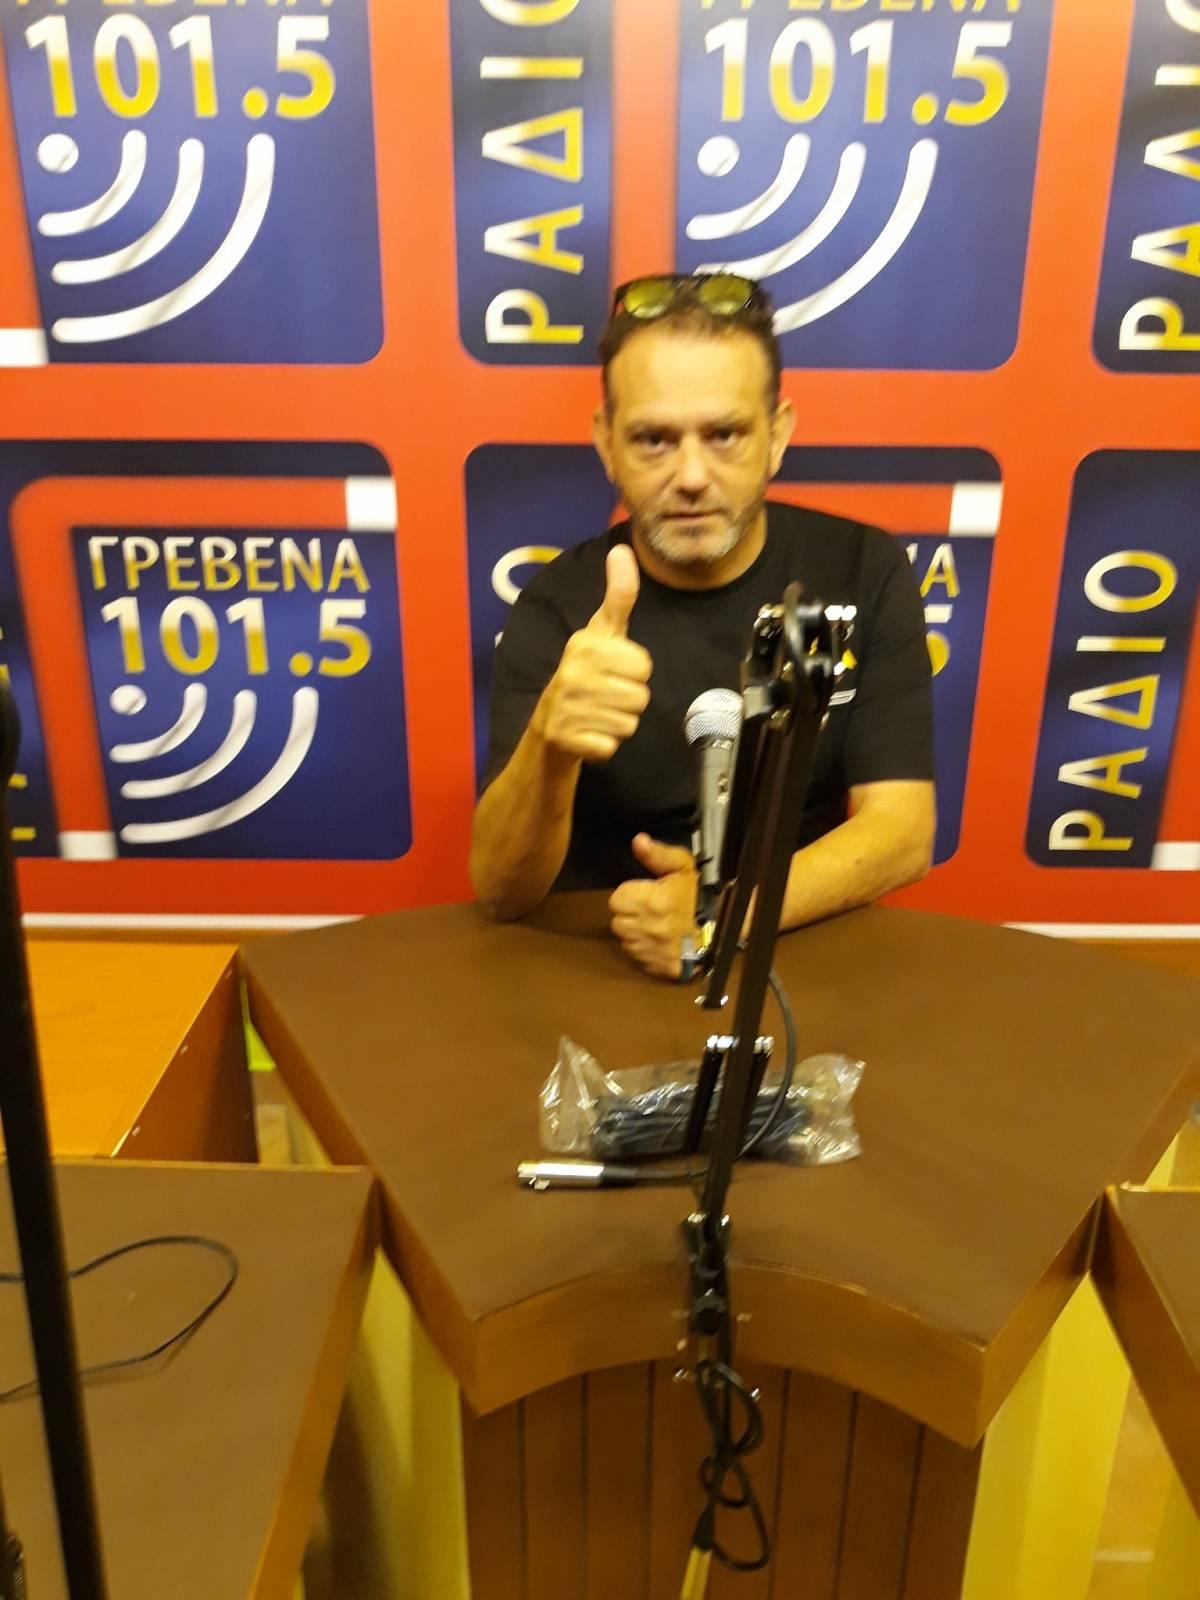 Sports&fun με τον Λουκά Νίκου – Η μοναδική αθλητική εκπομπή στα ερτζιανά των Γρεβενών